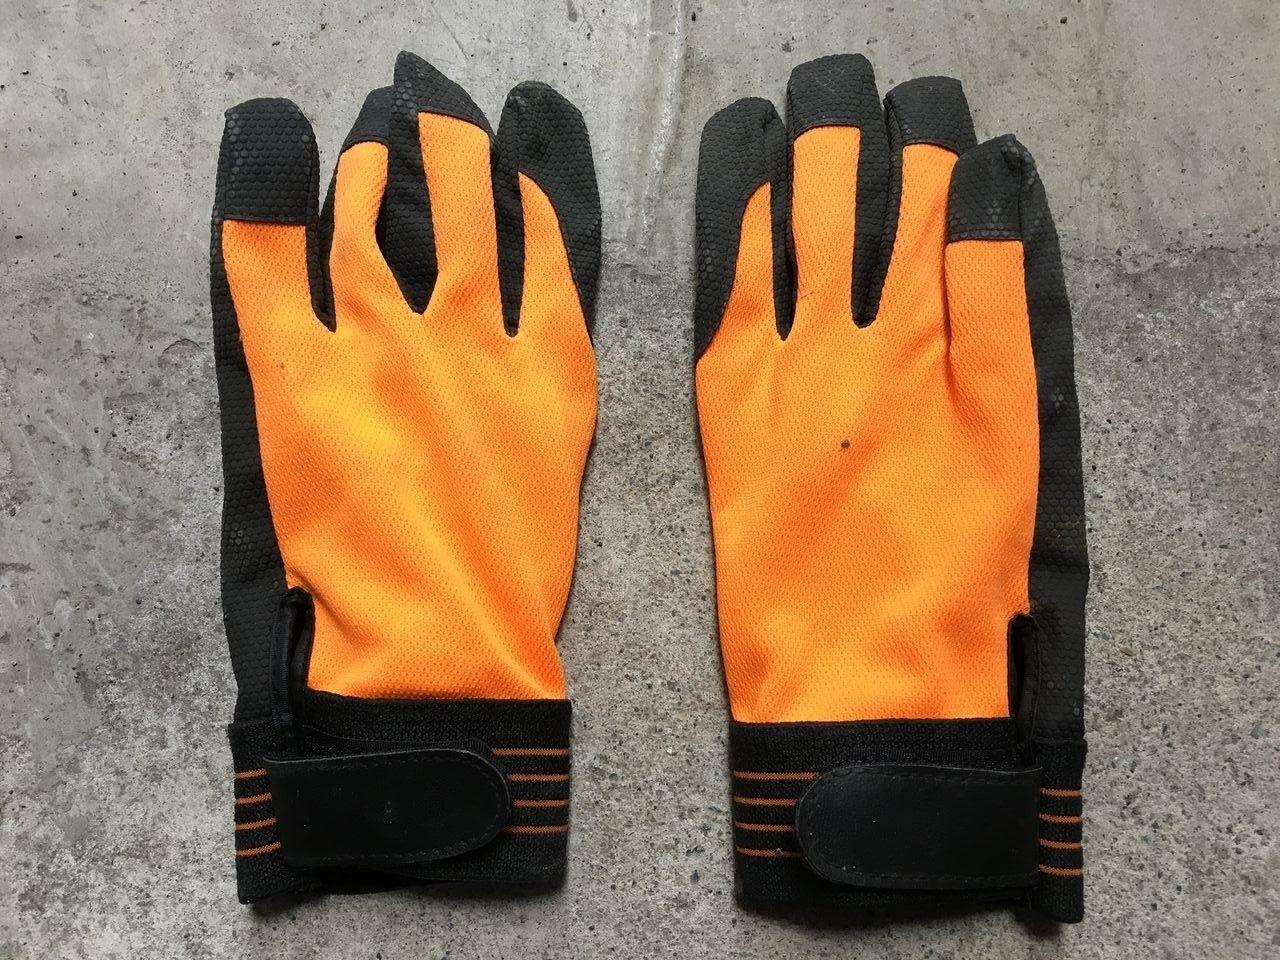 ワークマンの薄手の皮手袋(手の甲側)です!!